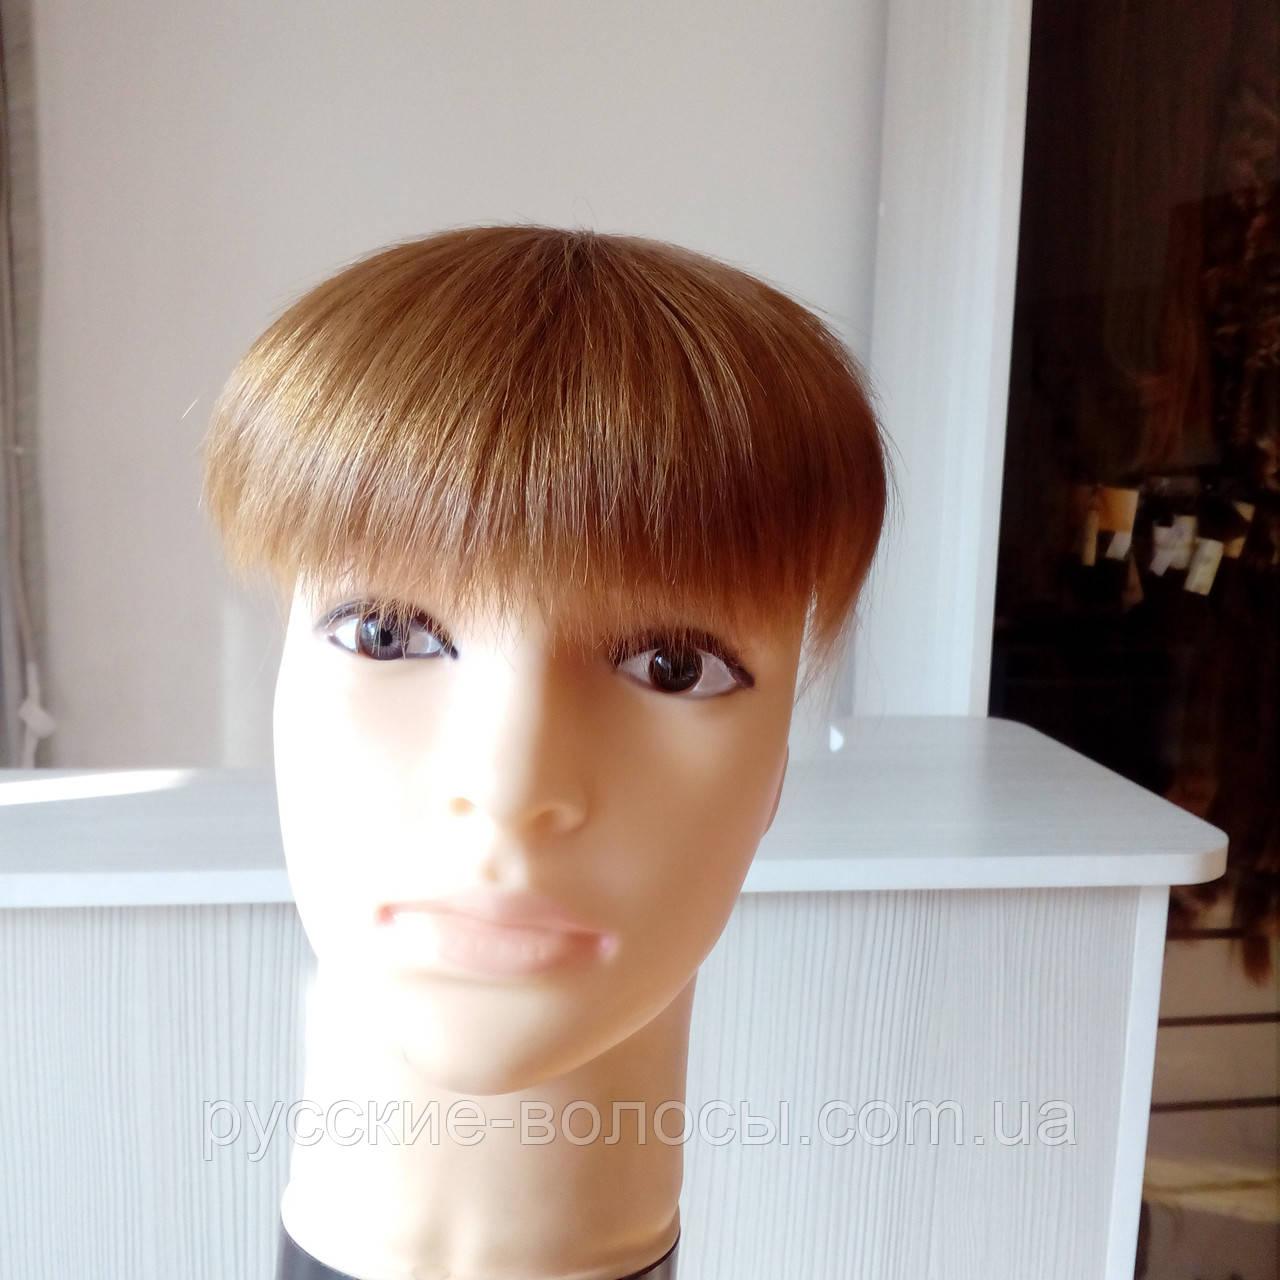 Накладка из волос на макушку